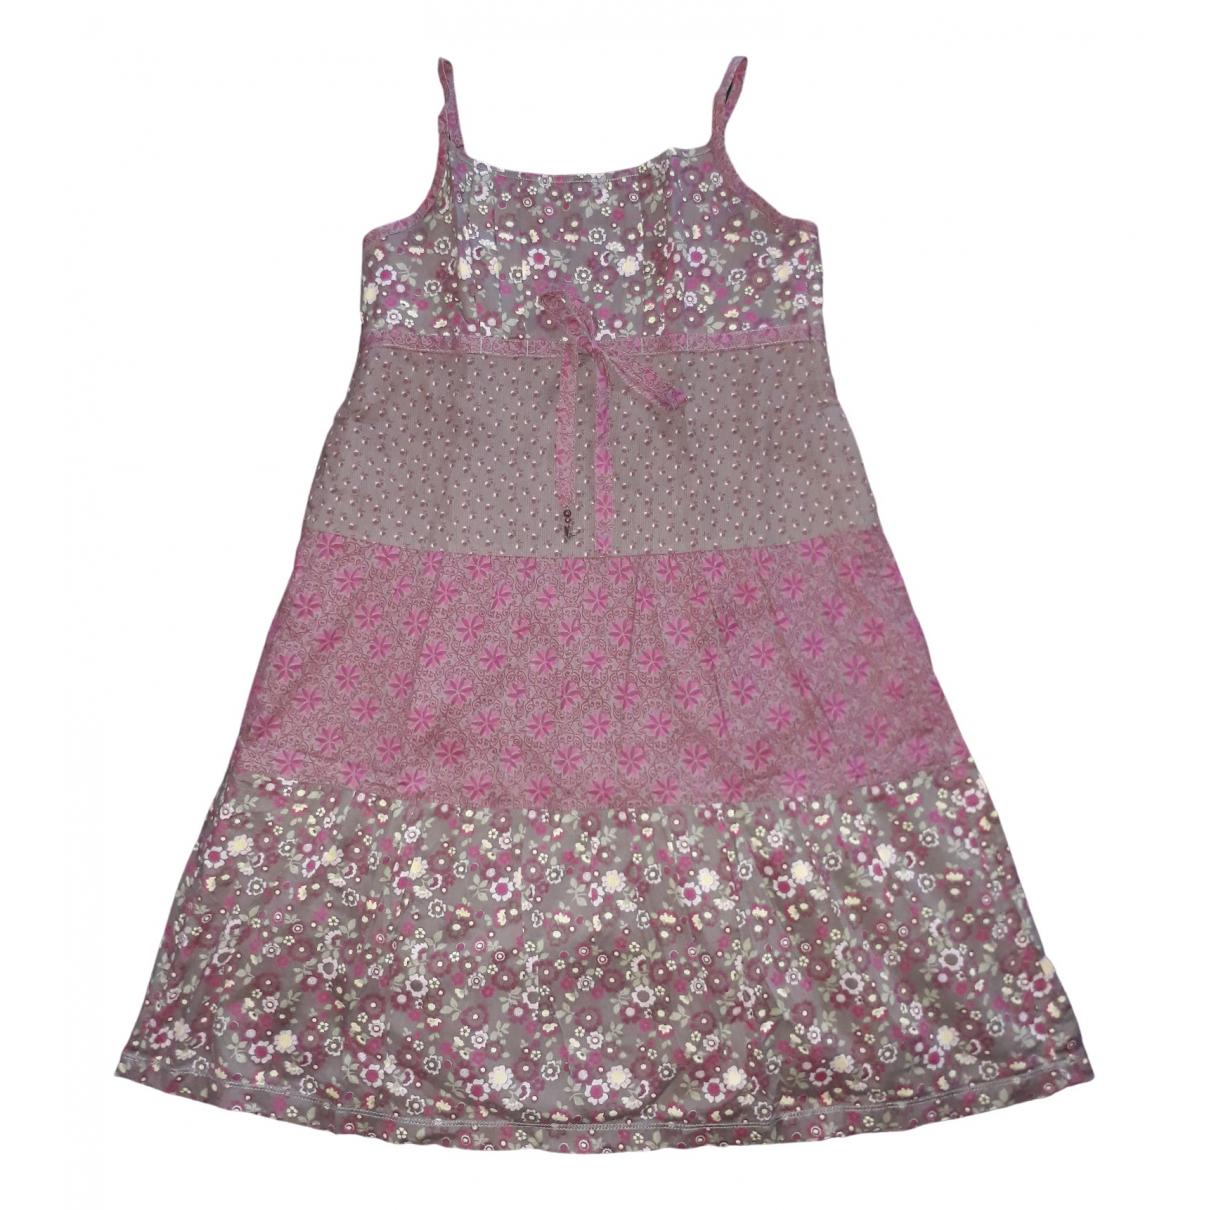 Esprit \N Kleid in  Lila Baumwolle